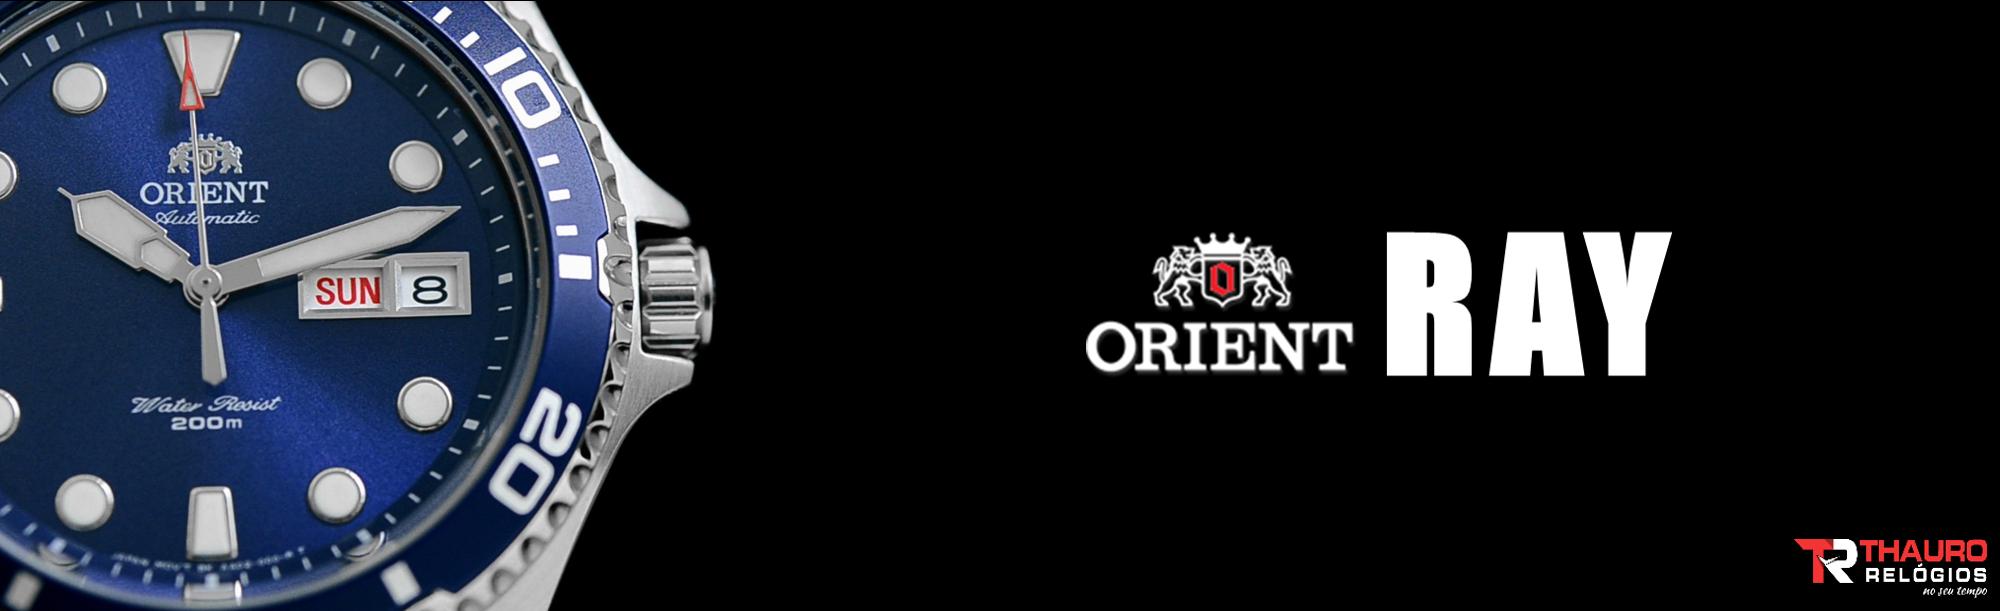 Orient Ray